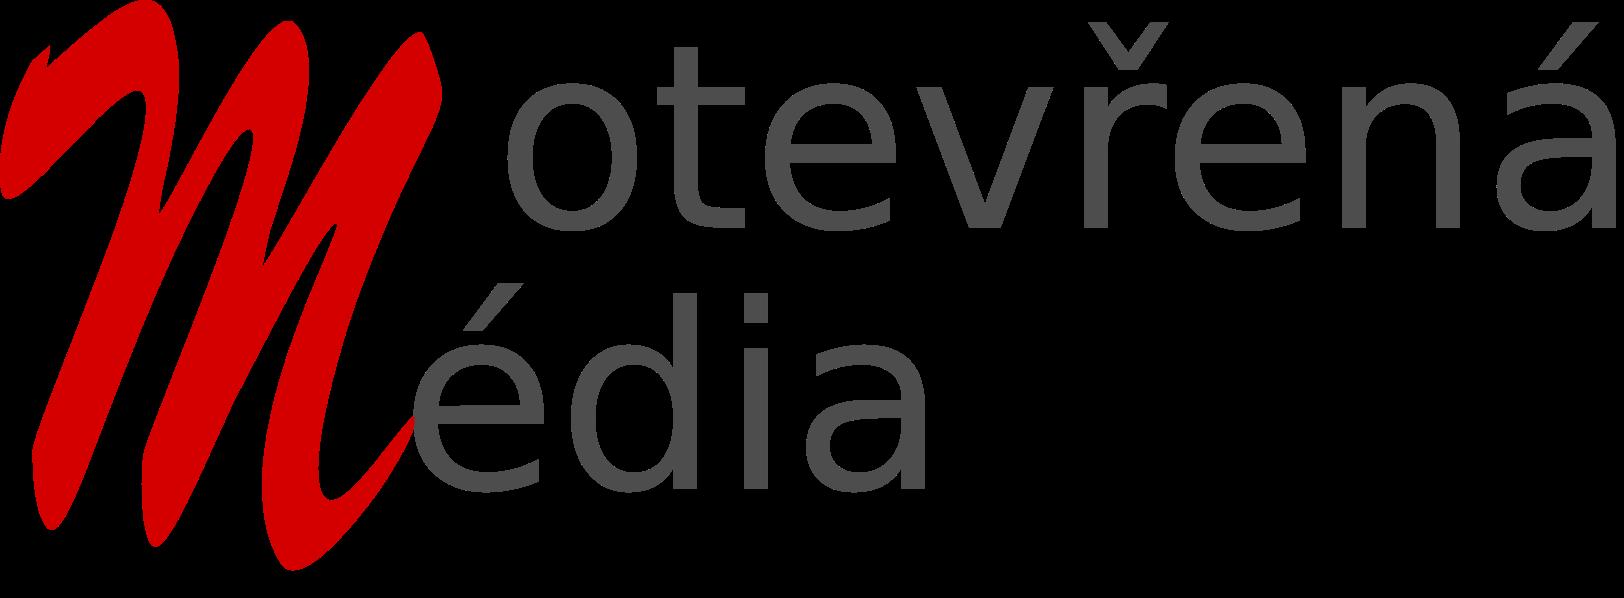 Otevřená média